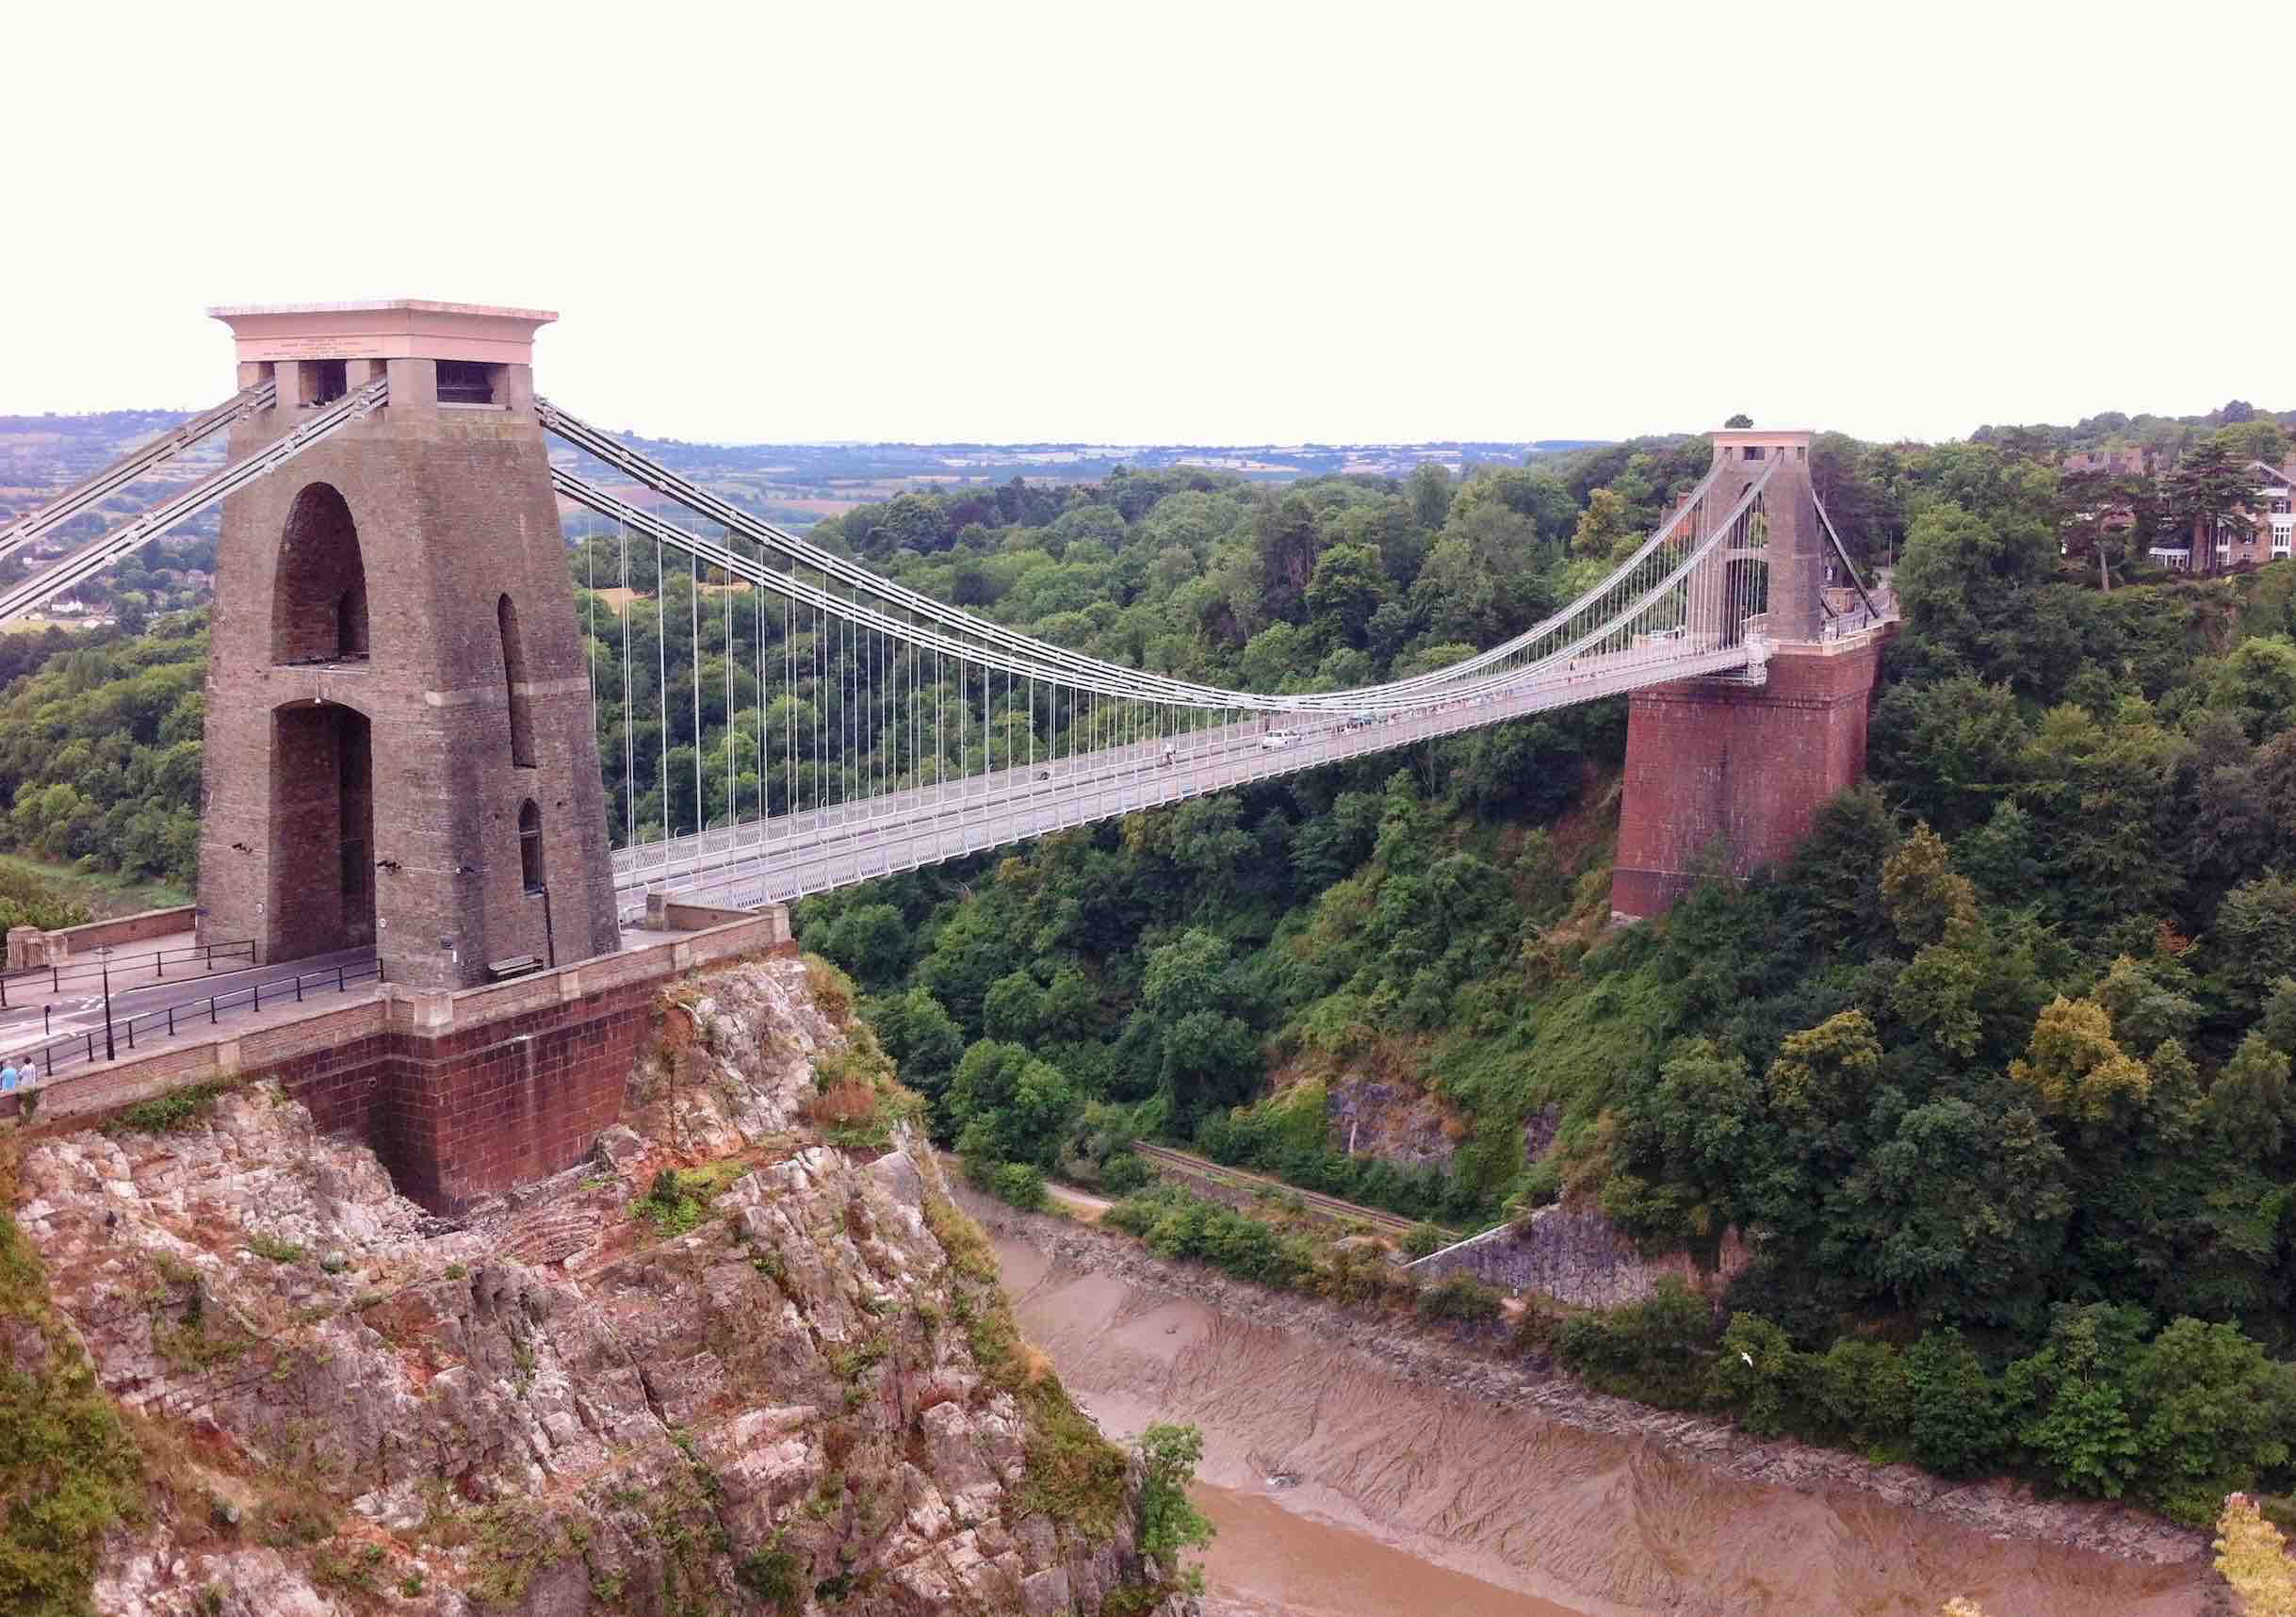 The Clifton Suspension Bridge / Brunel.Bristol